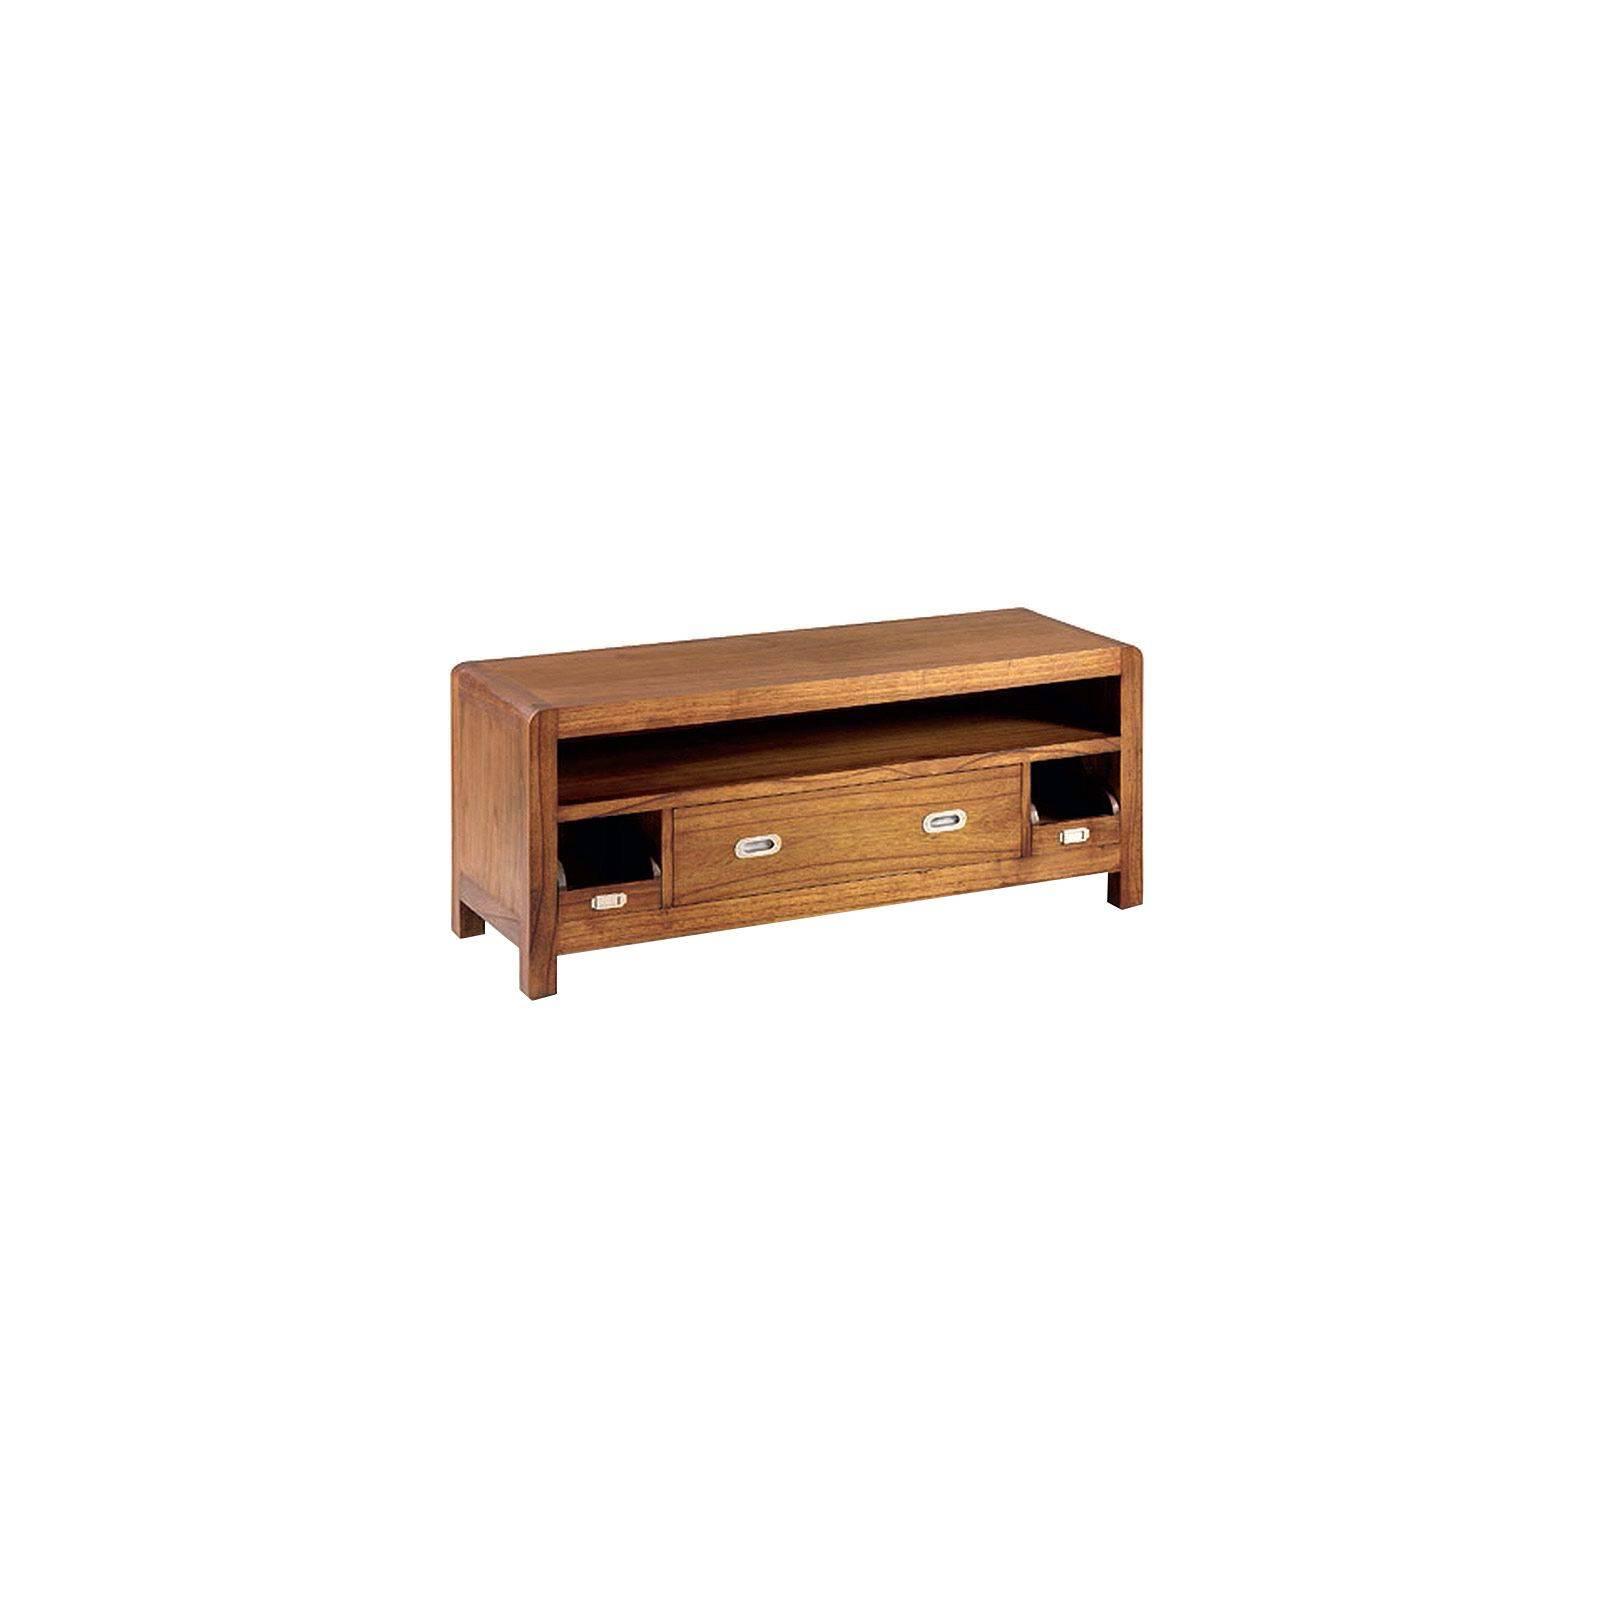 Table basse Rétro Mindi Massif - achat de meuble rétro